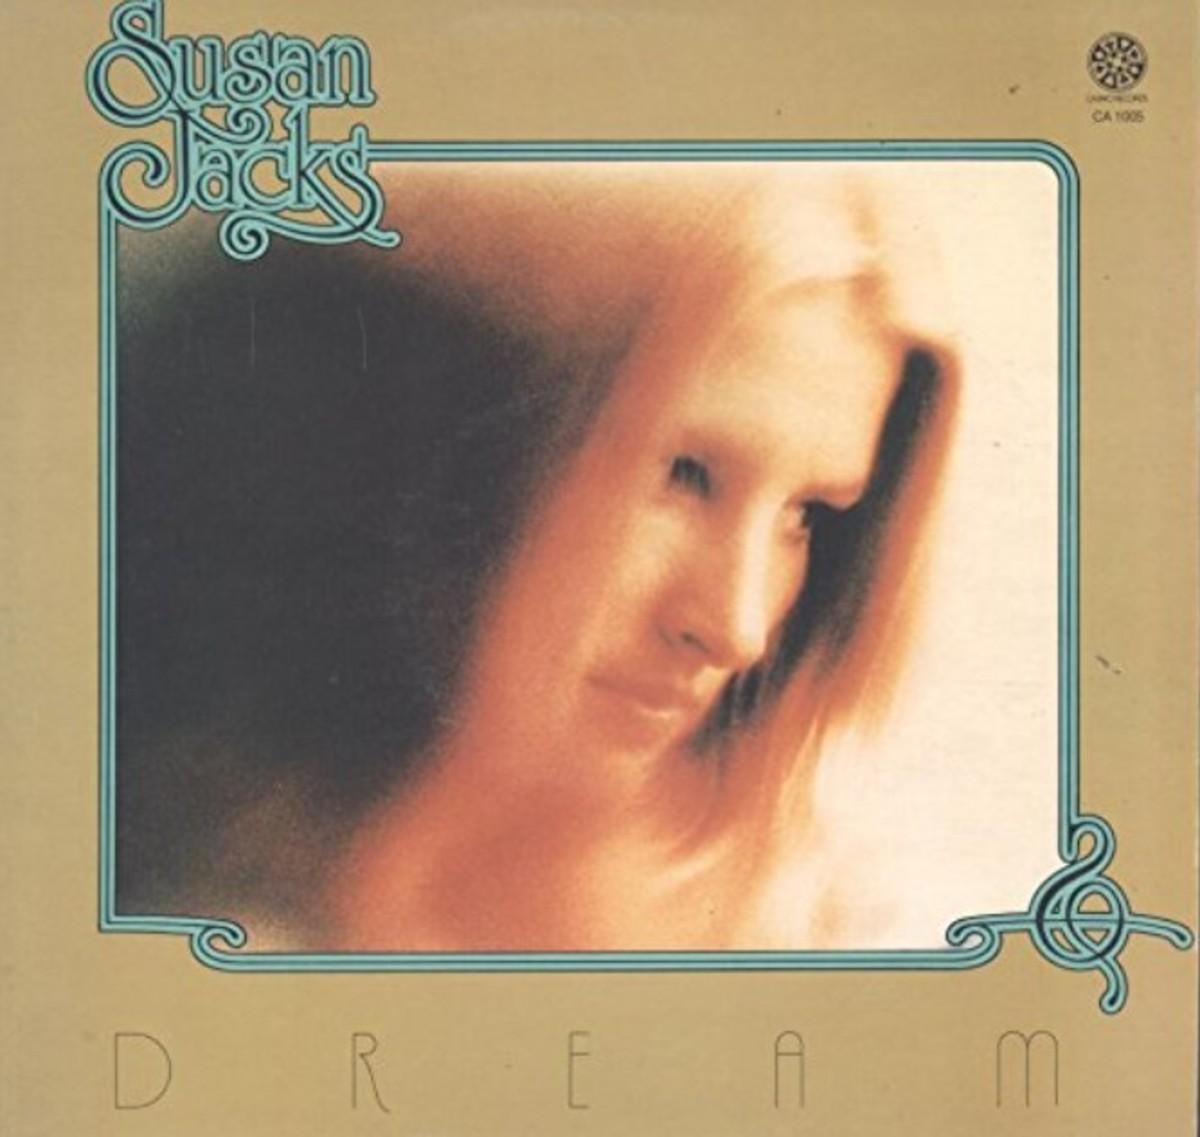 1975 original album